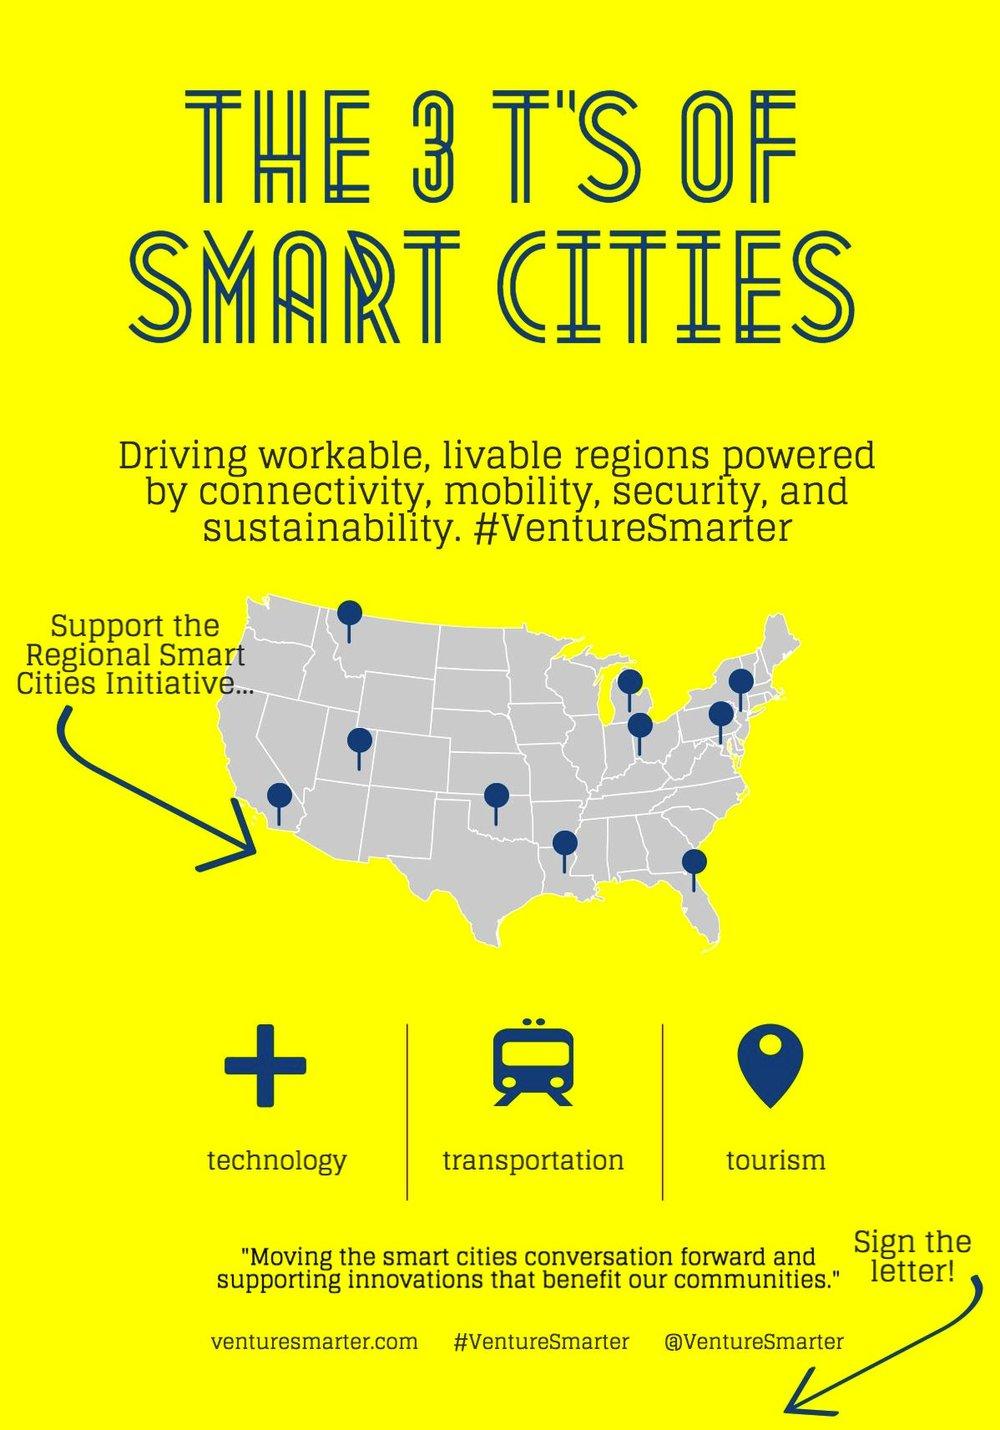 3 t's smart cities #venturesmarter